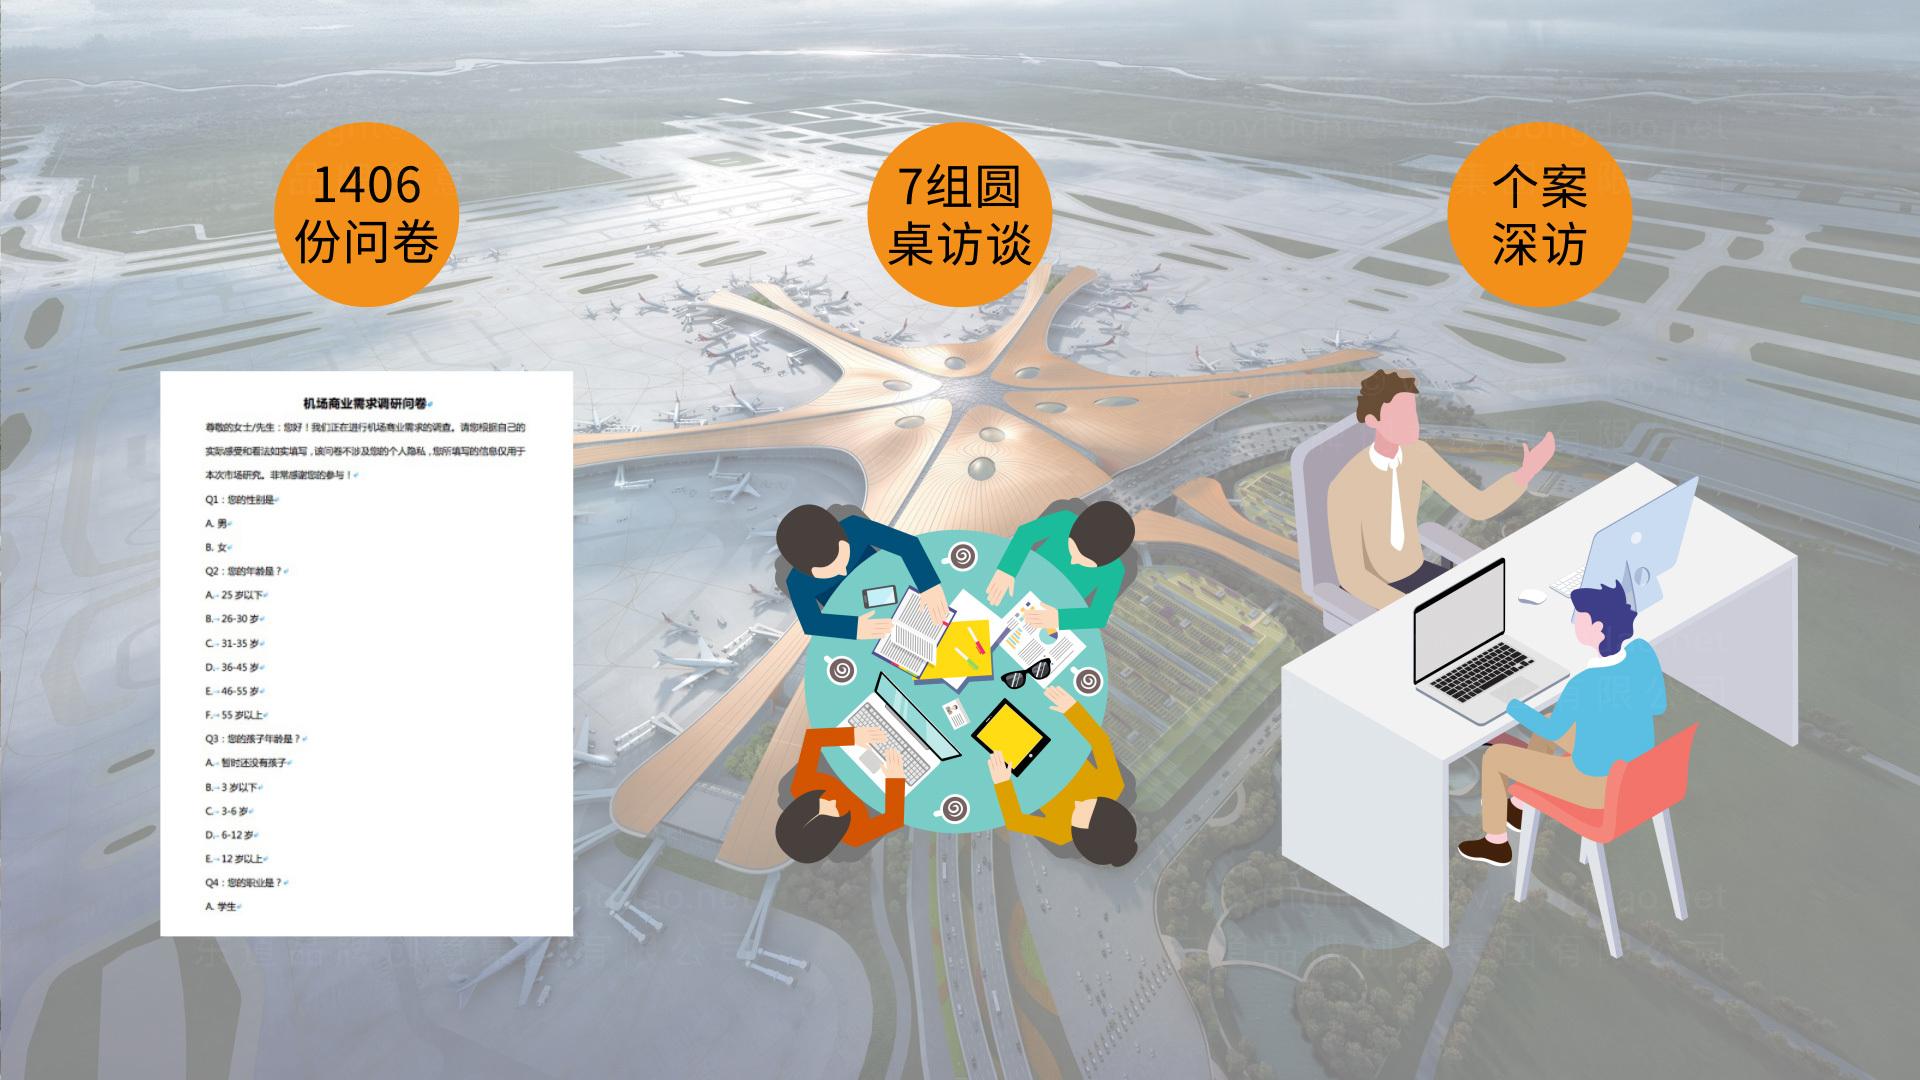 公关传播大兴机场品牌战略+传播推广应用